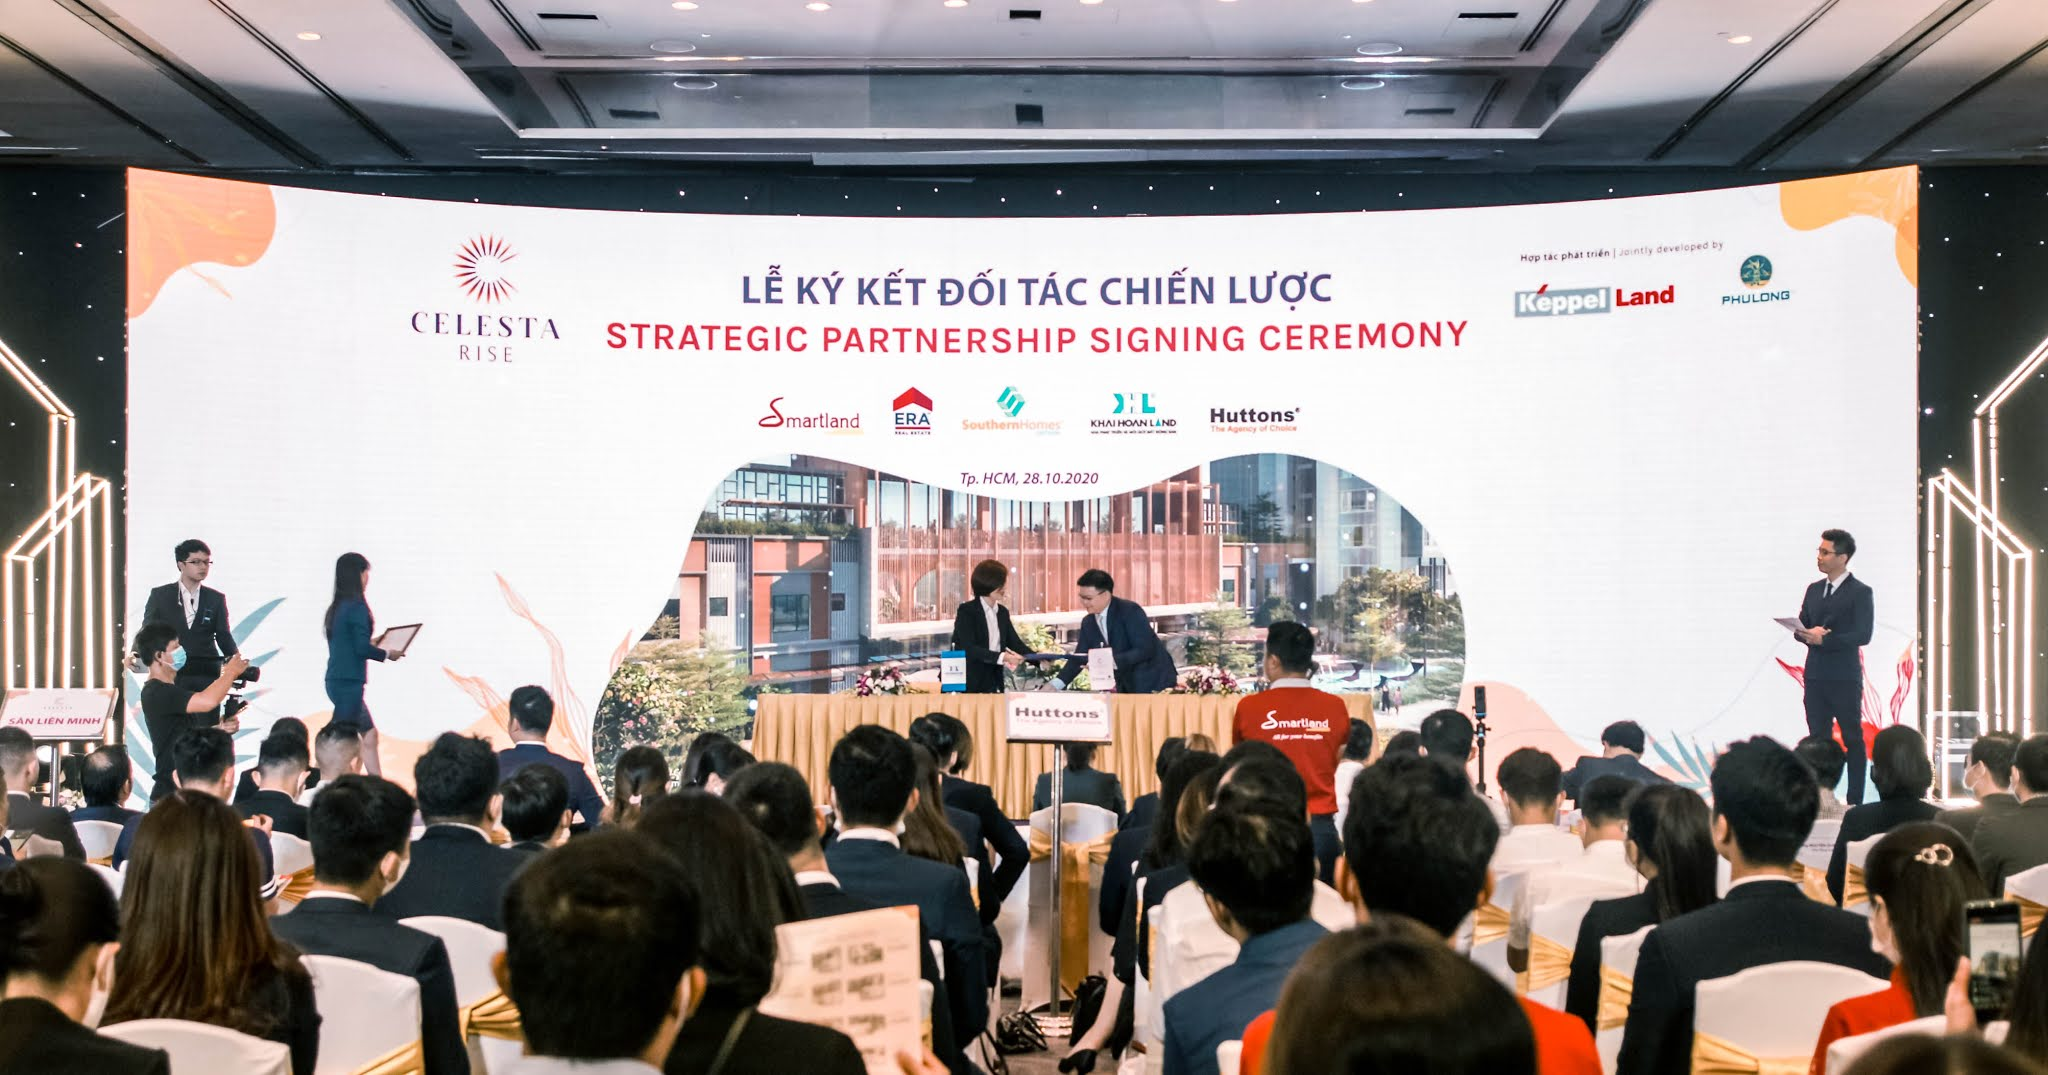 Lễ ký kết hợp tác chiến lược dự án Celesta Rise